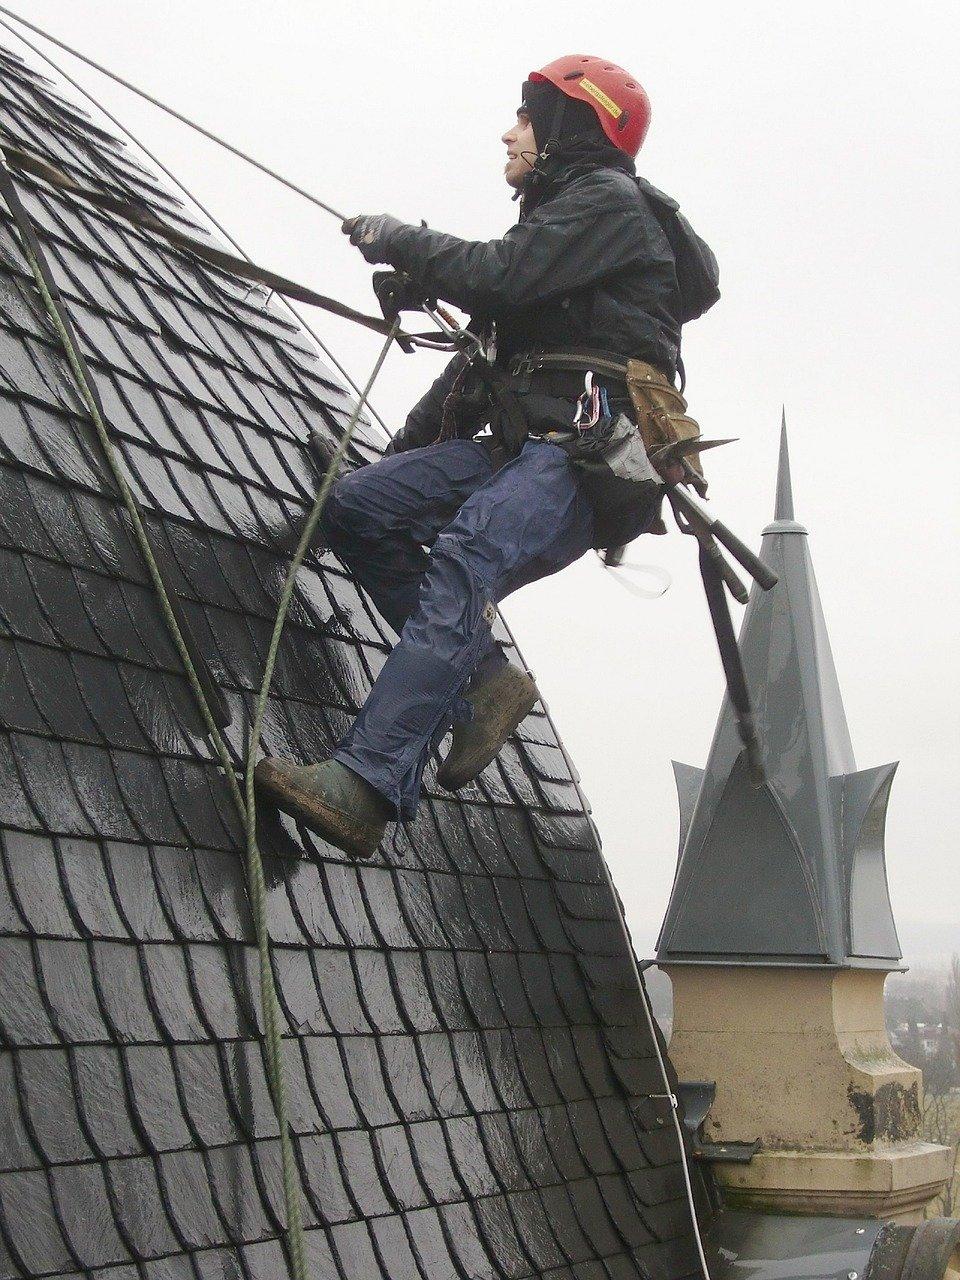 Dayton Ohio Commercial Roof Repair